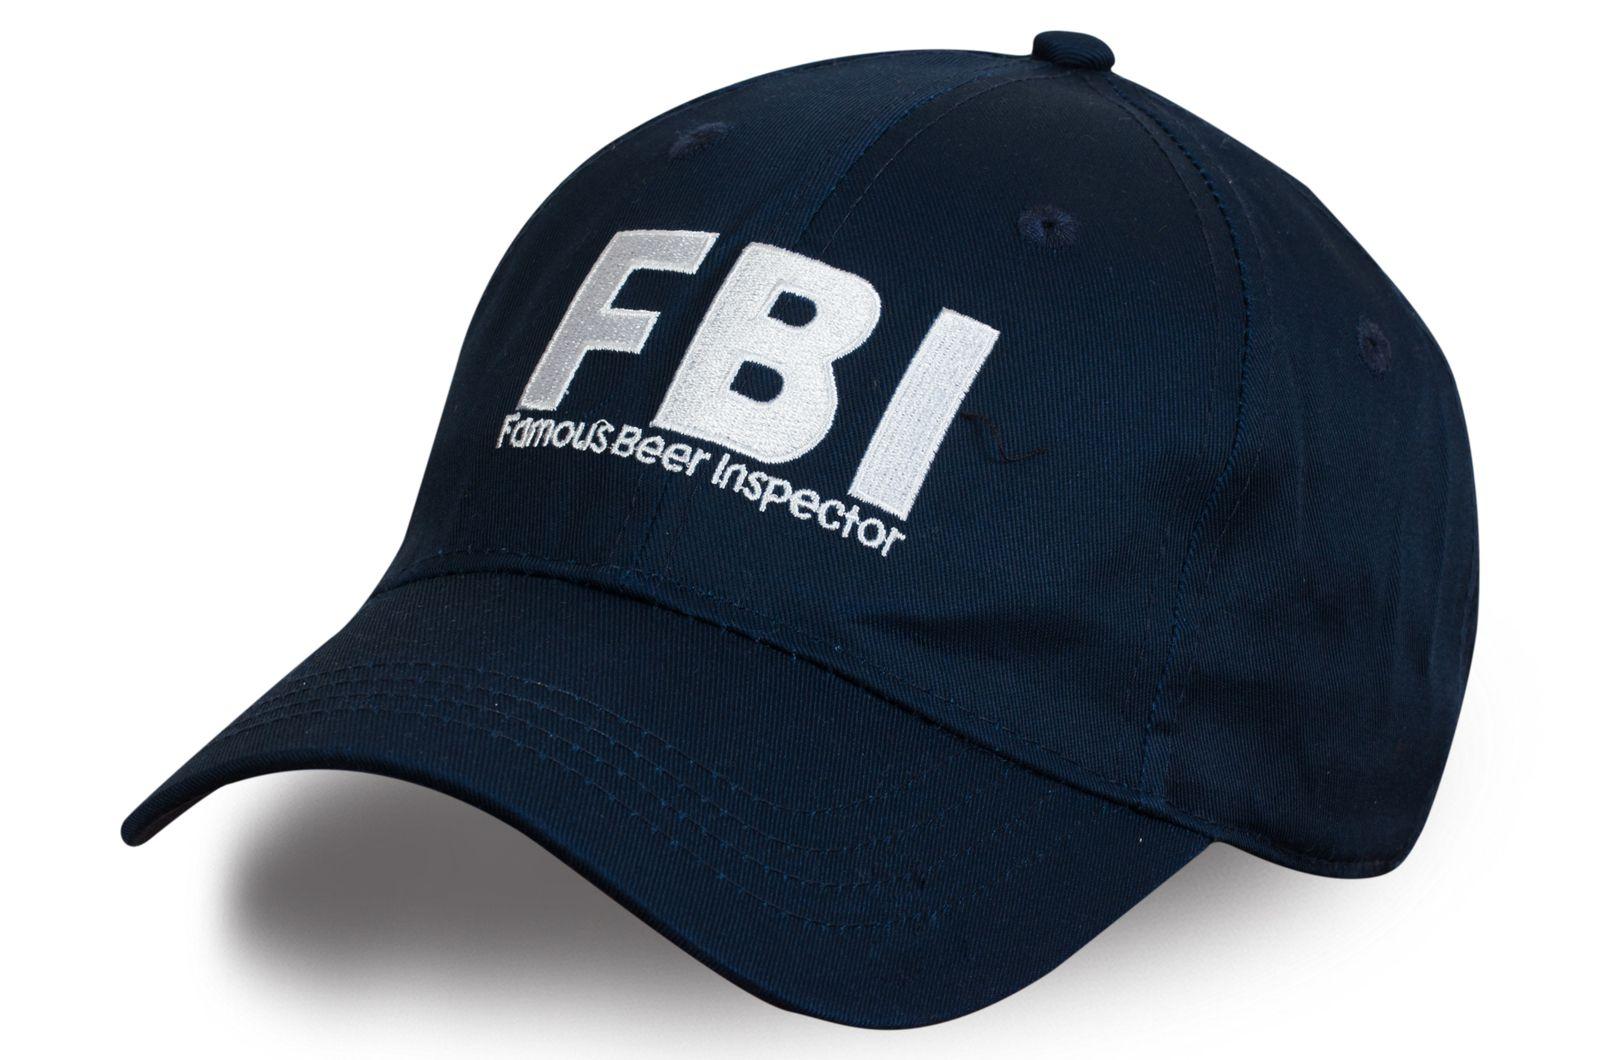 Кепка FBI - купить в интернет-магазине с доставкой